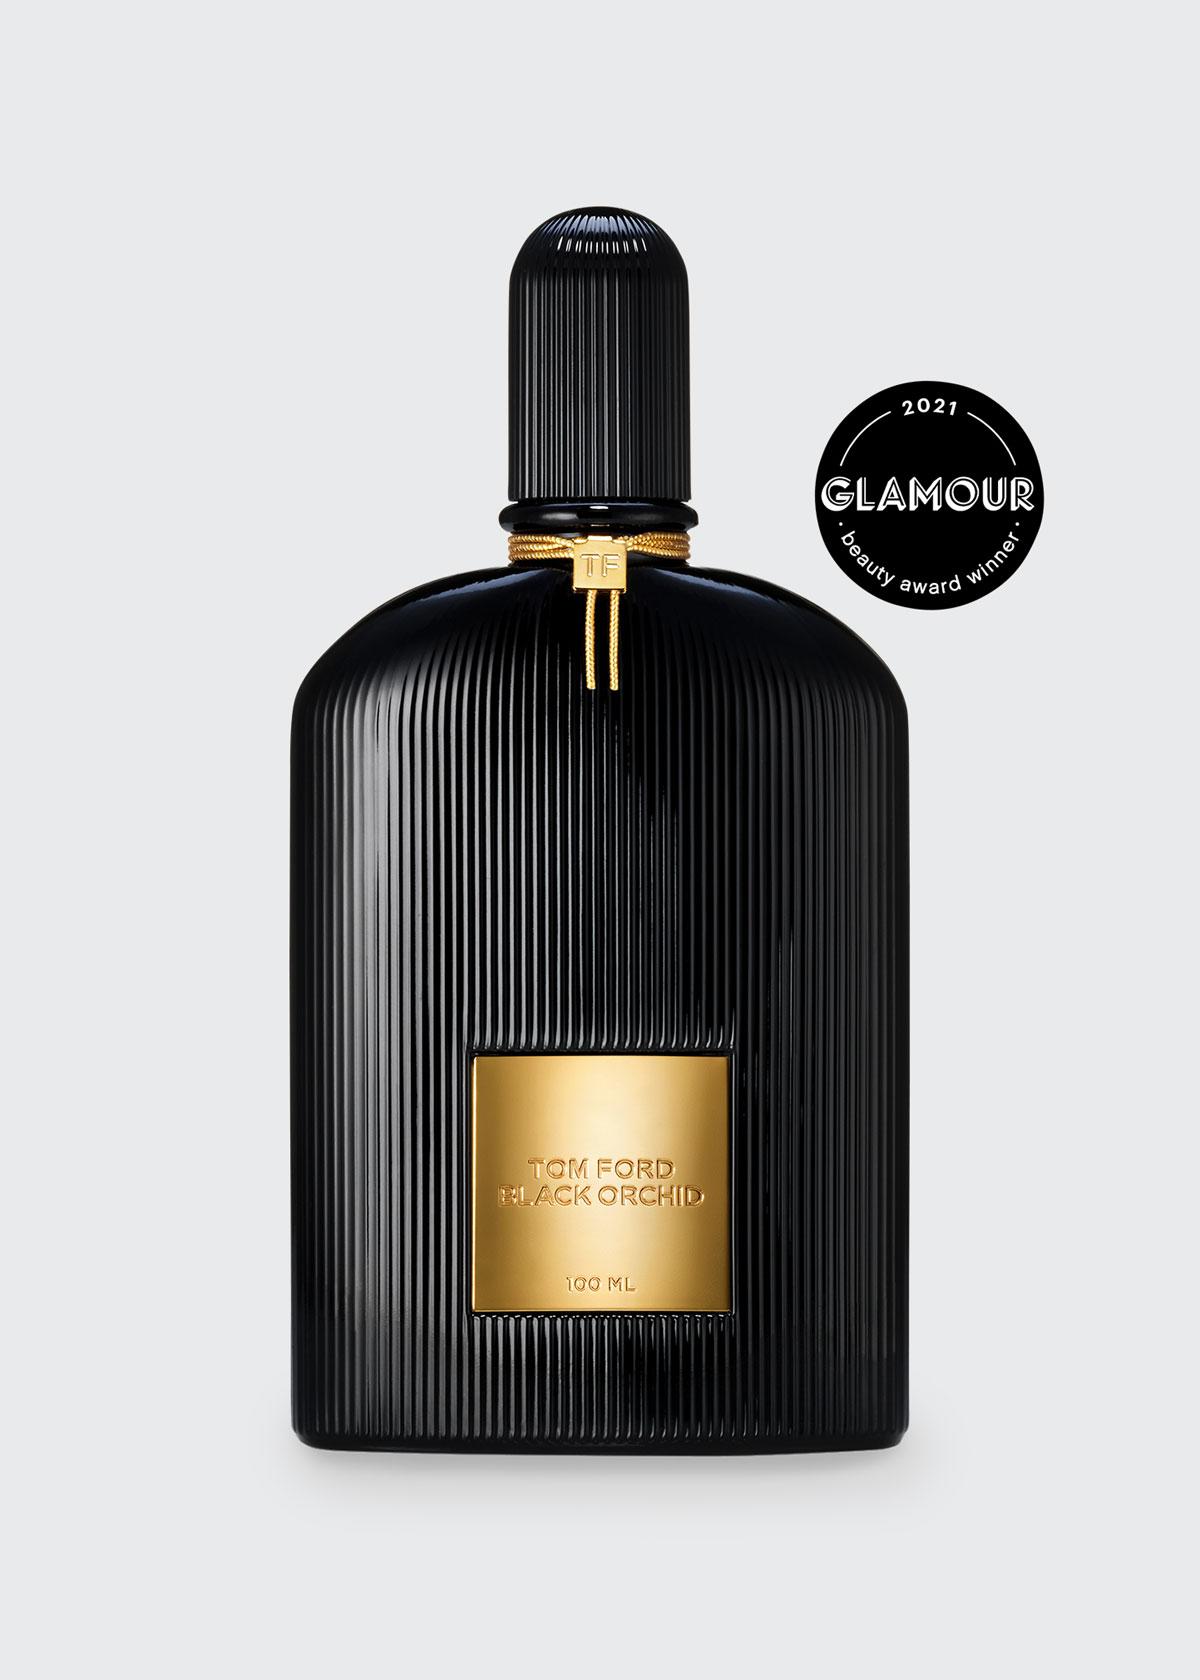 Black Orchid 3.4 Oz/ 100 Ml Eau De Parfum Spray, Undefined